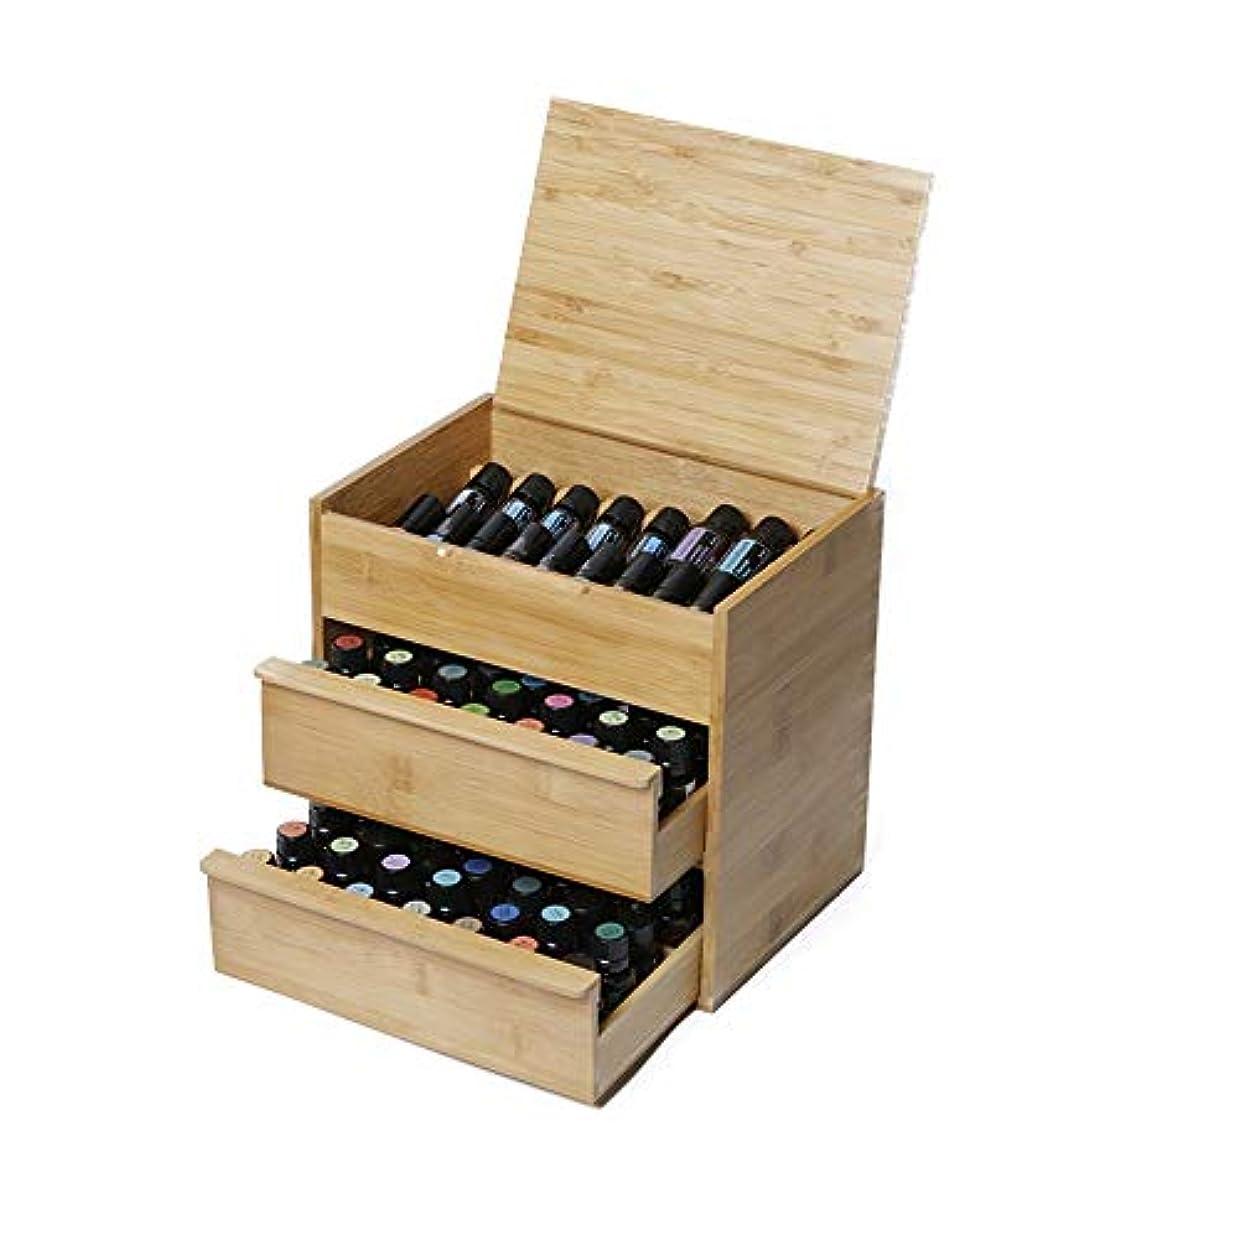 練習素晴らしいパパ88スロット木エッセンシャルオイルボックス3ティアボード内部リムーバブルは15/10/5 M1のボトル天然竹を開催します アロマセラピー製品 (色 : Natural, サイズ : 26.5X24.5X19CM)